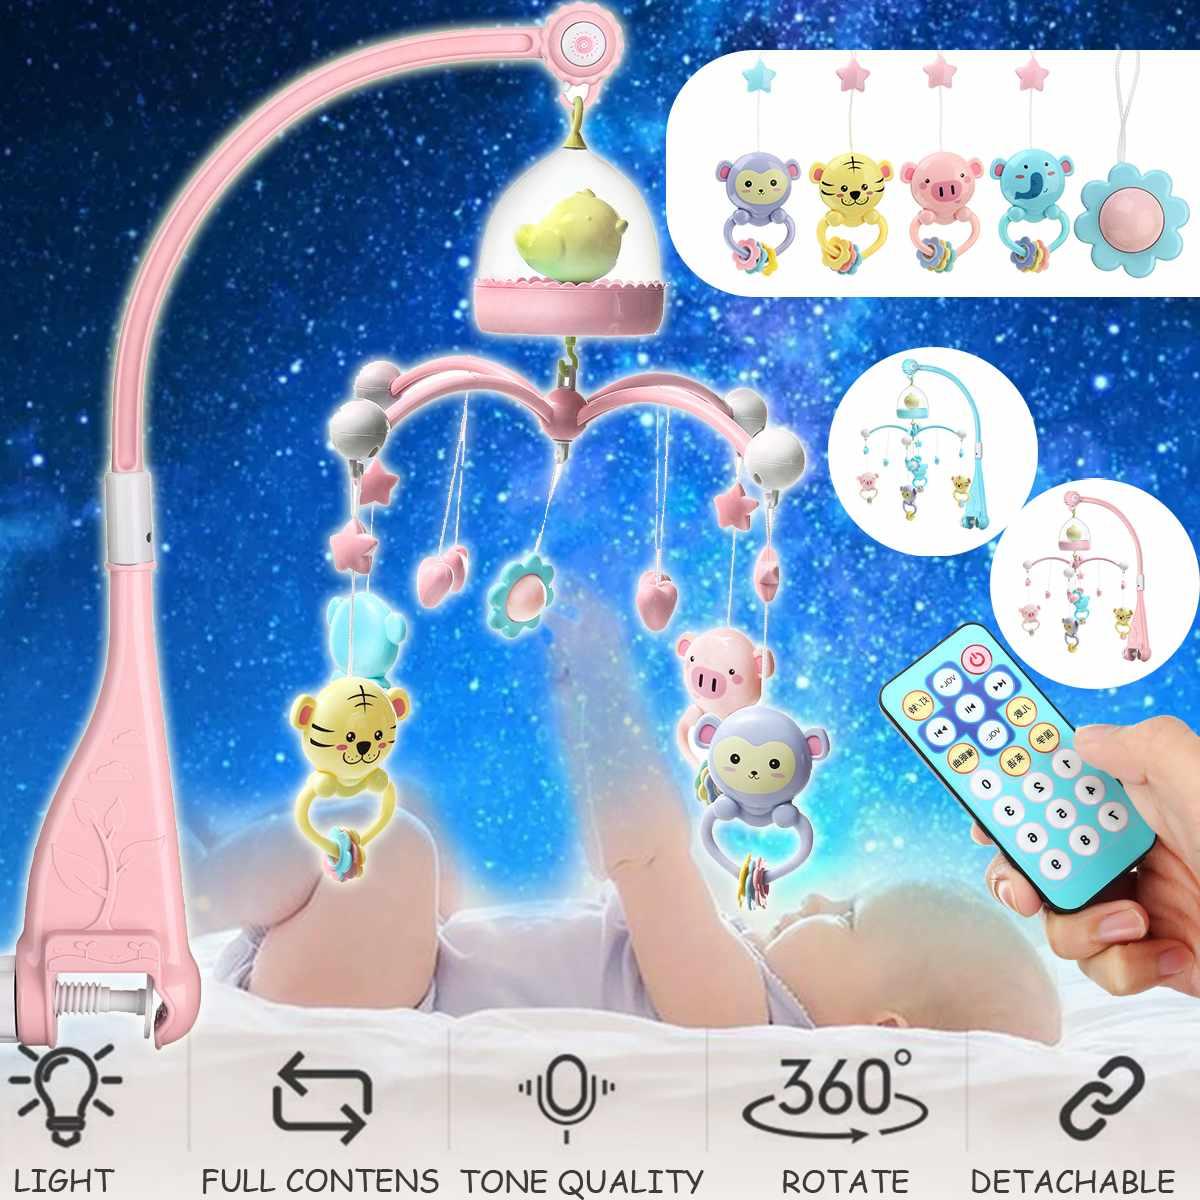 Jouets pour enfants d'apprentissage précoce 0-24 mois dessin animé de Projection de hochets d'animaux de berceau avec jouet de cloche de lit Musical Mobile